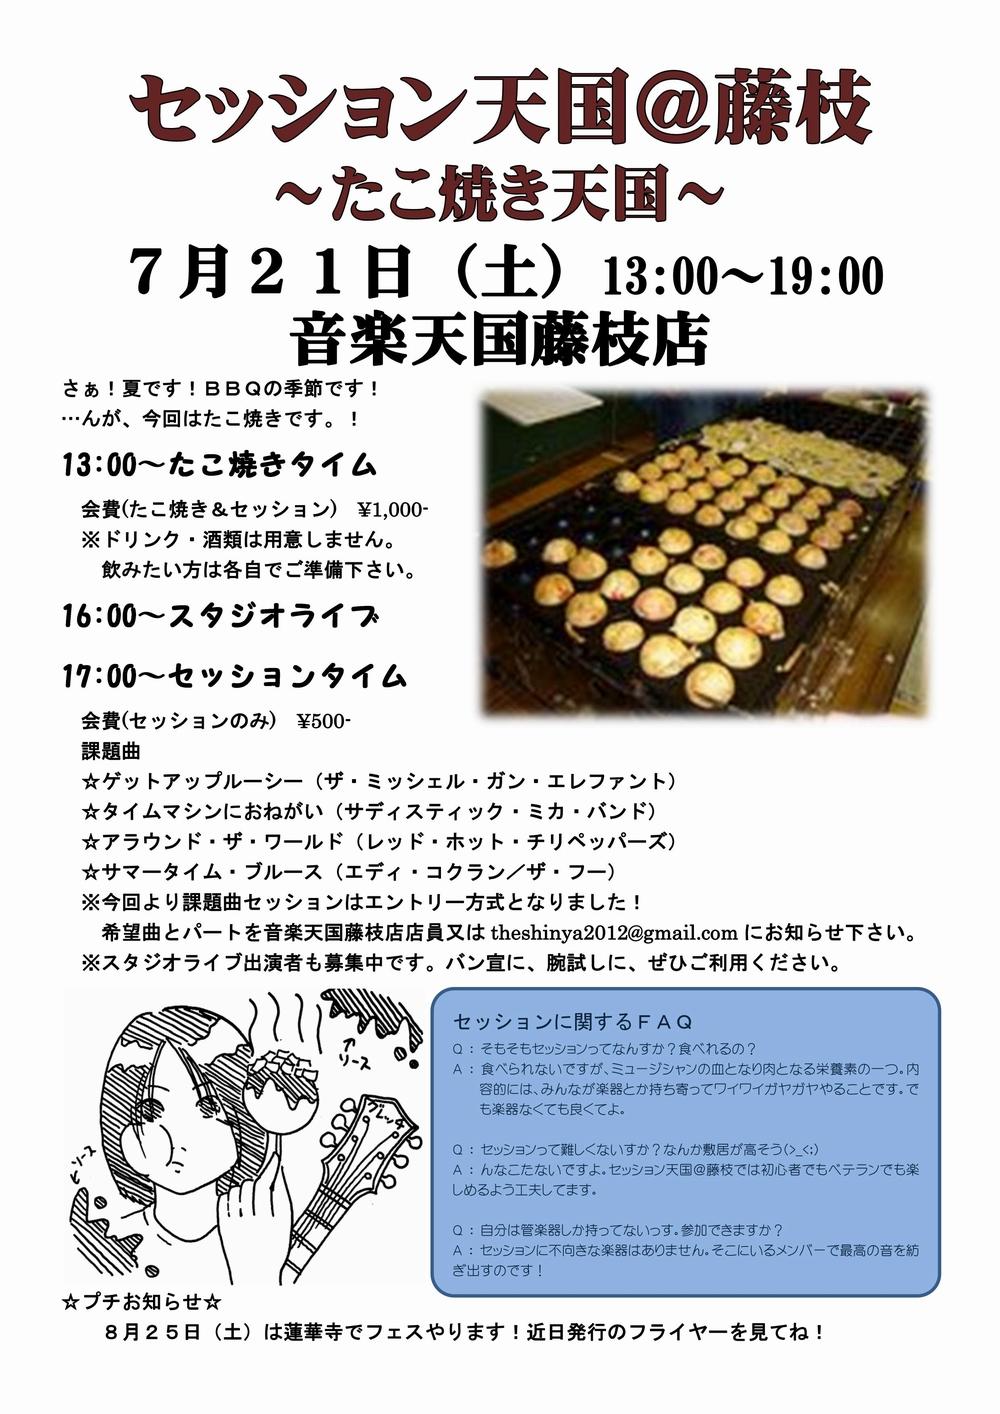 セッション天国@藤枝店7月21日(土)開催!